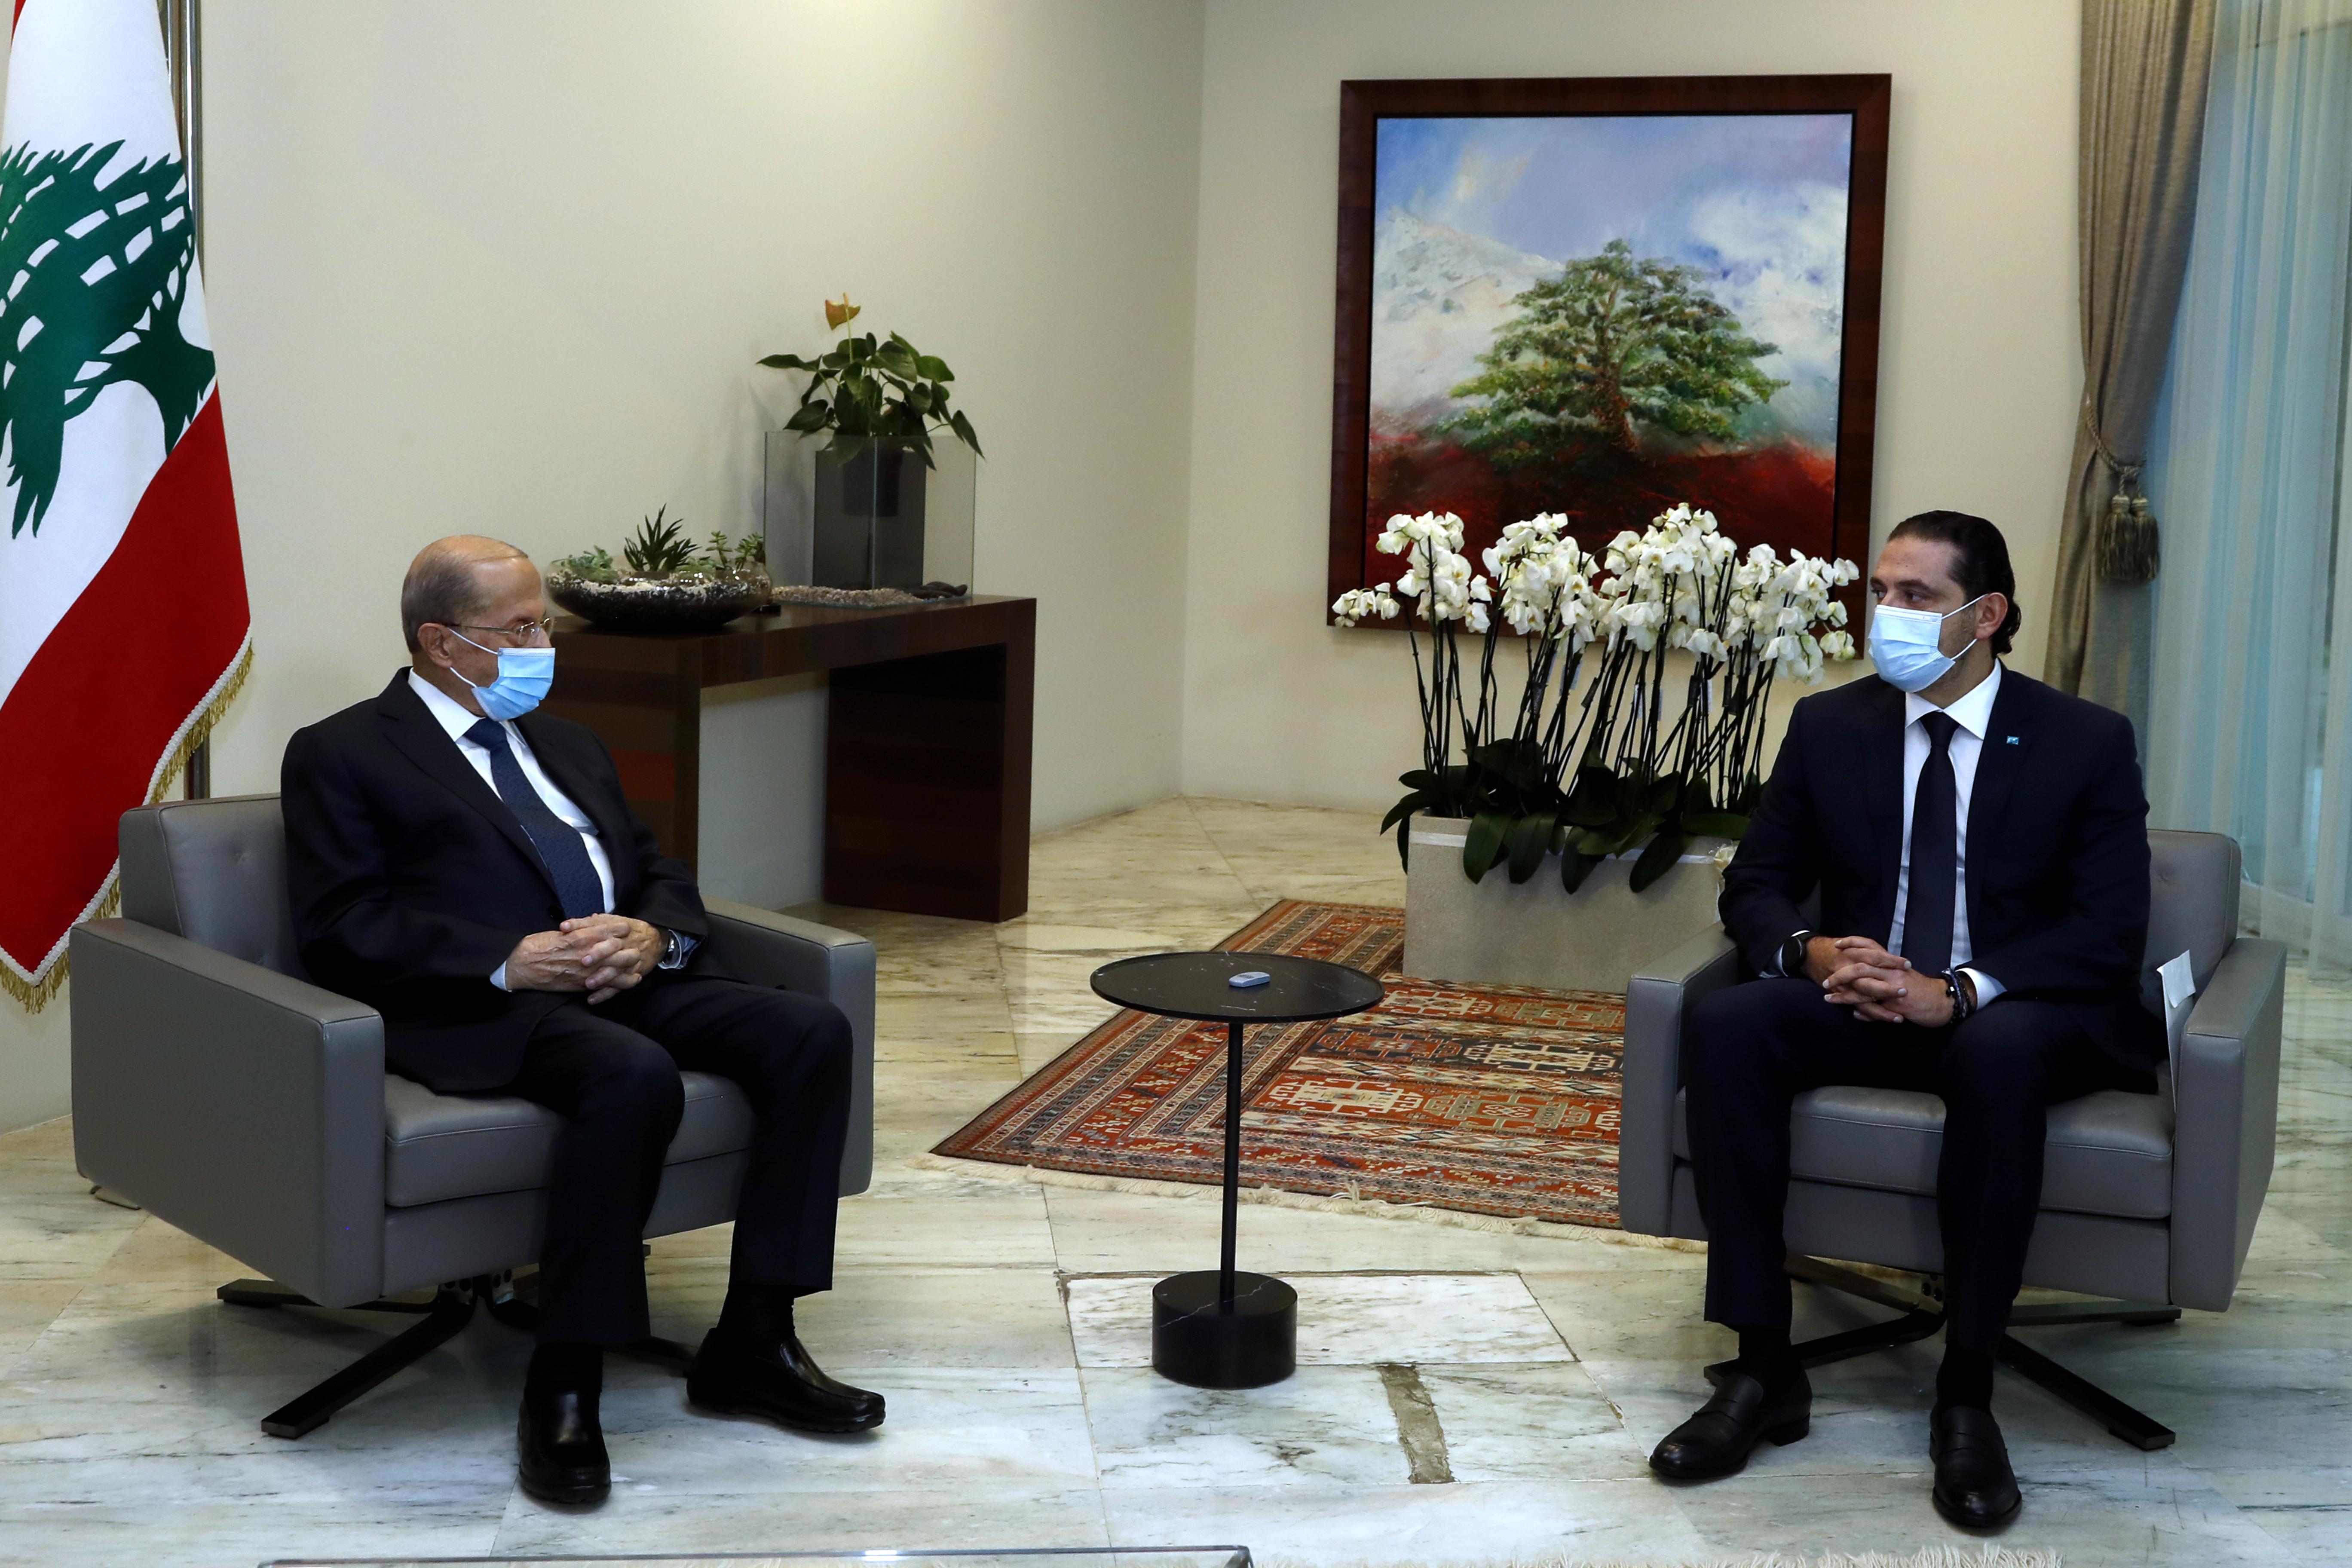 5 - Designated PM Saad Hariri